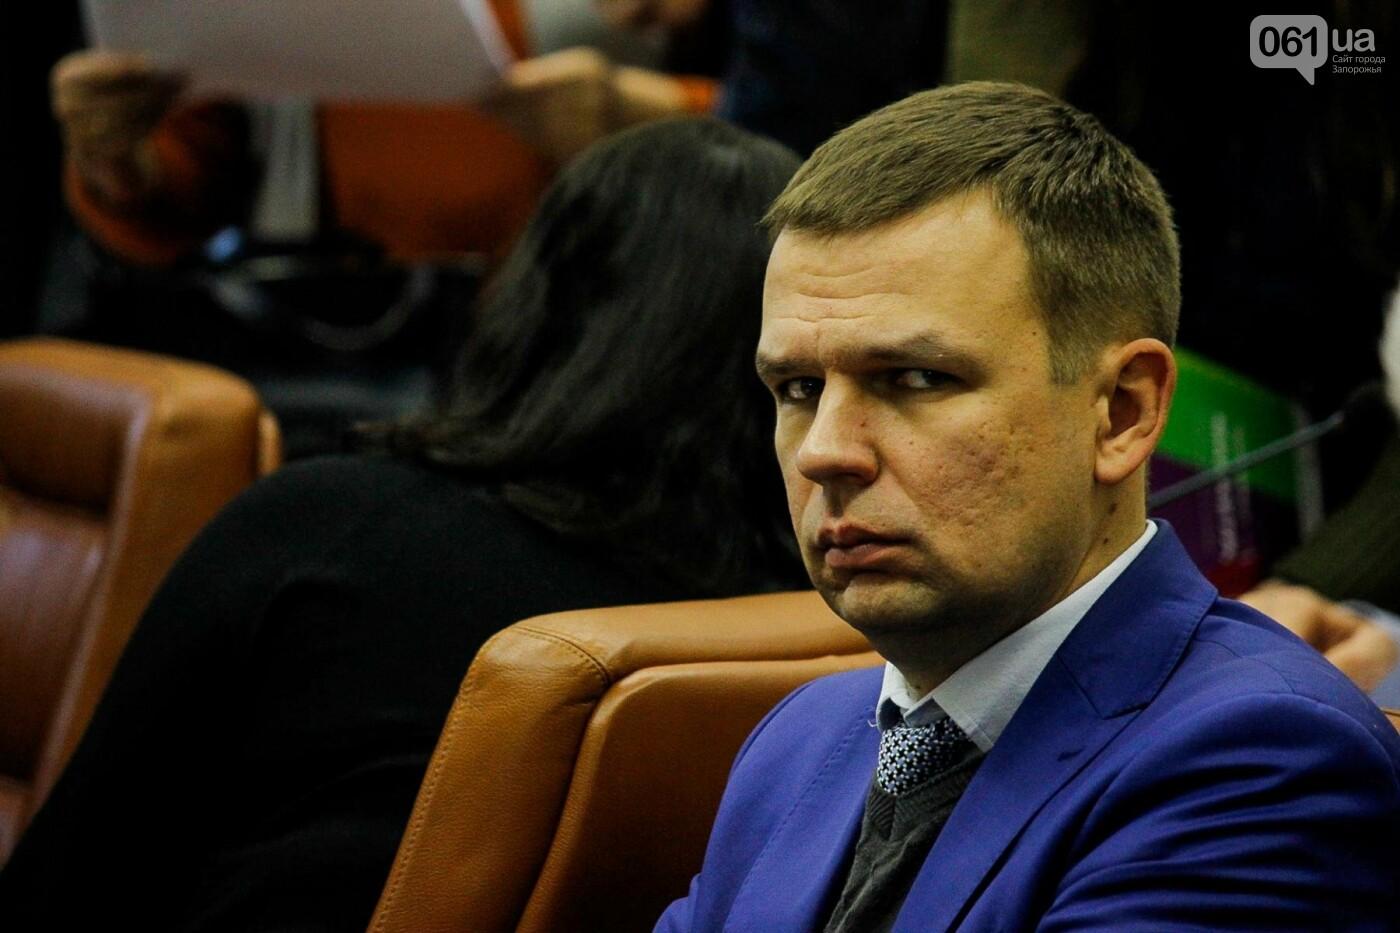 Сессия запорожского горсовета в 55 фотографиях, - ФОТОРЕПОРТАЖ, фото-46